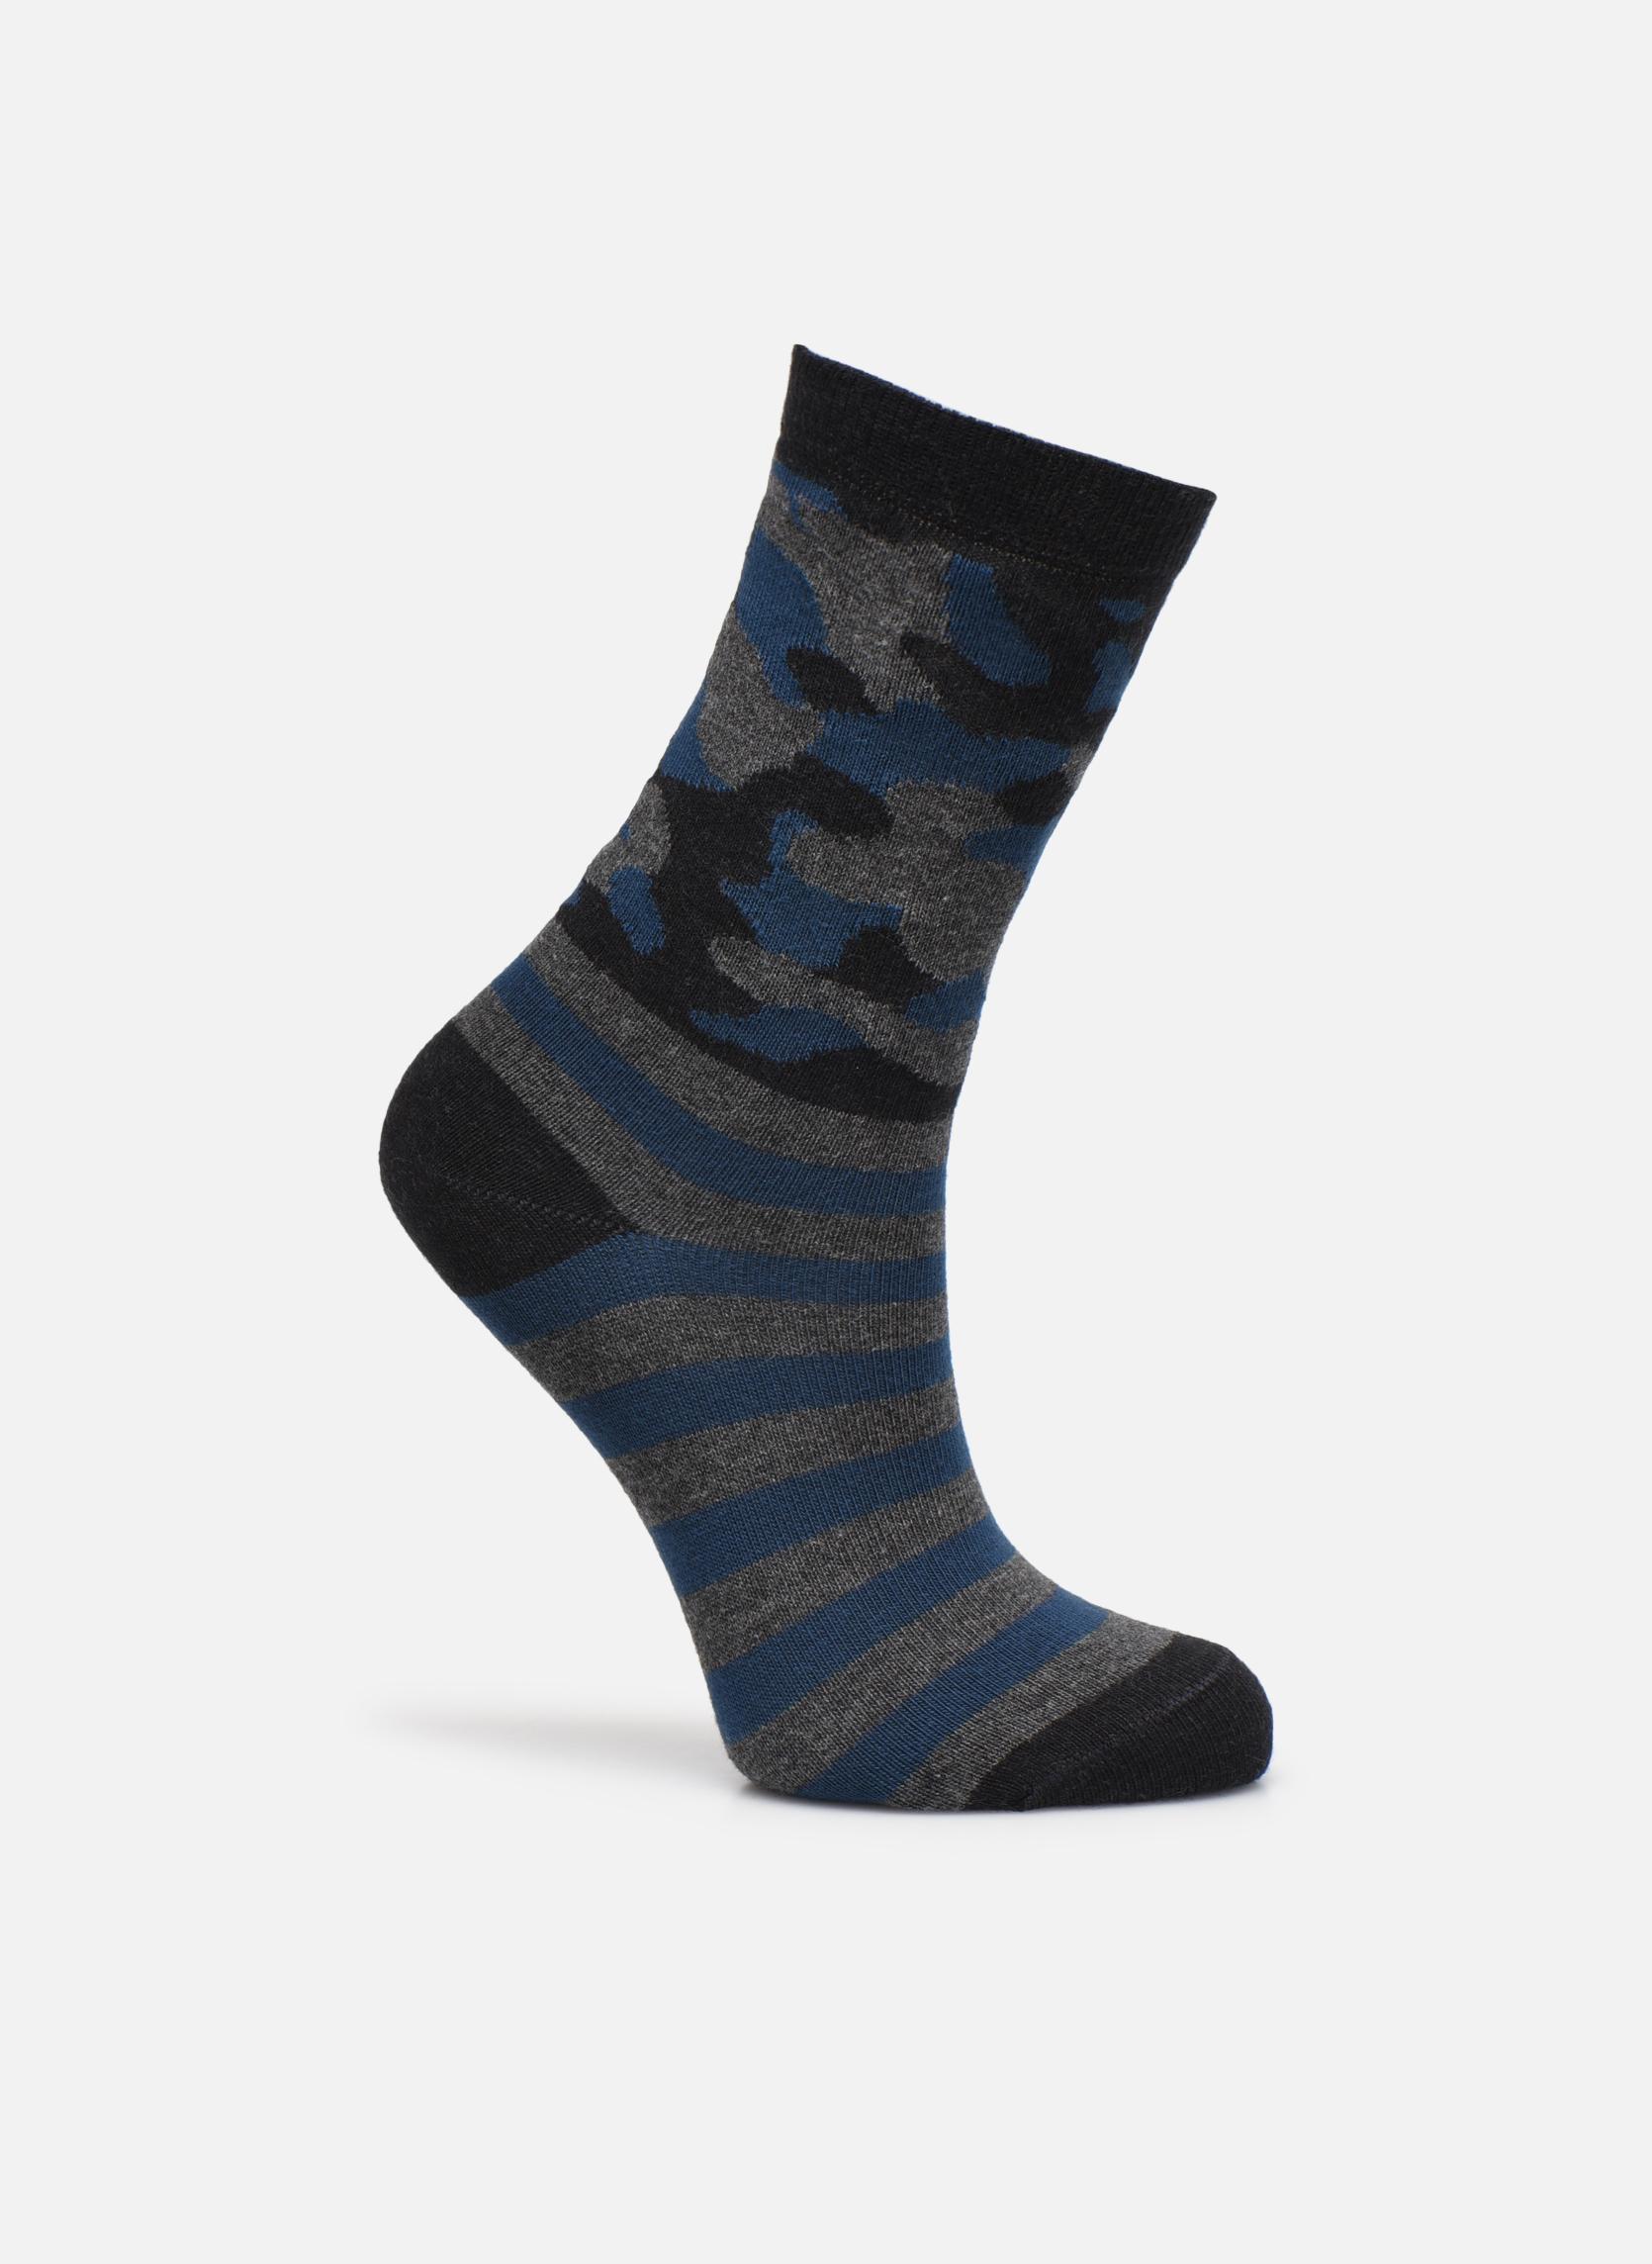 034 - gris / bleu